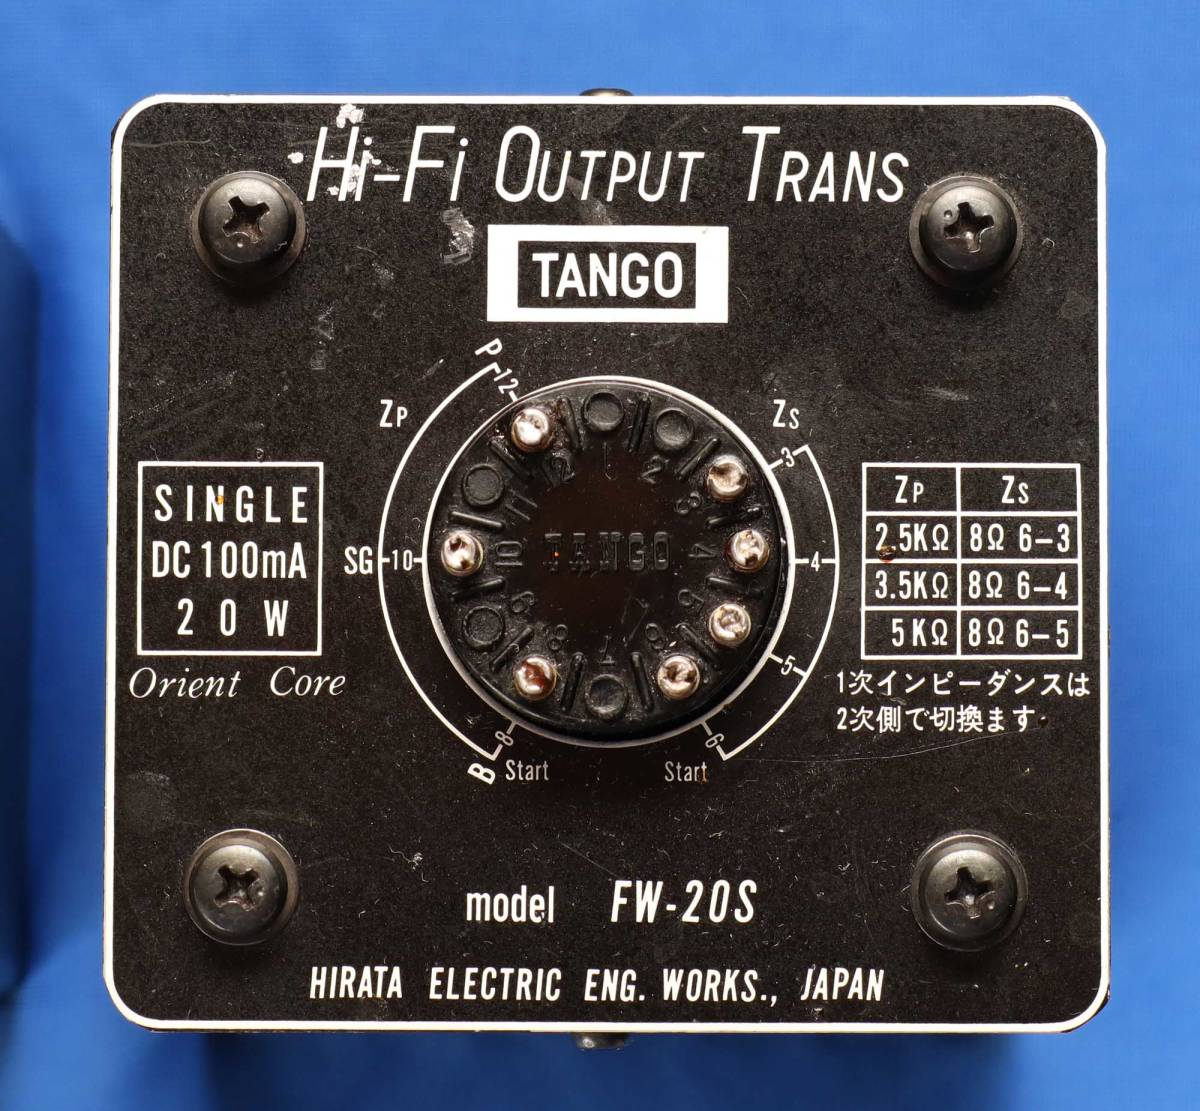 タンゴTANGOシングル出力トランスFW-20Sペアー+チョークトランスMC-15ー150D_画像4